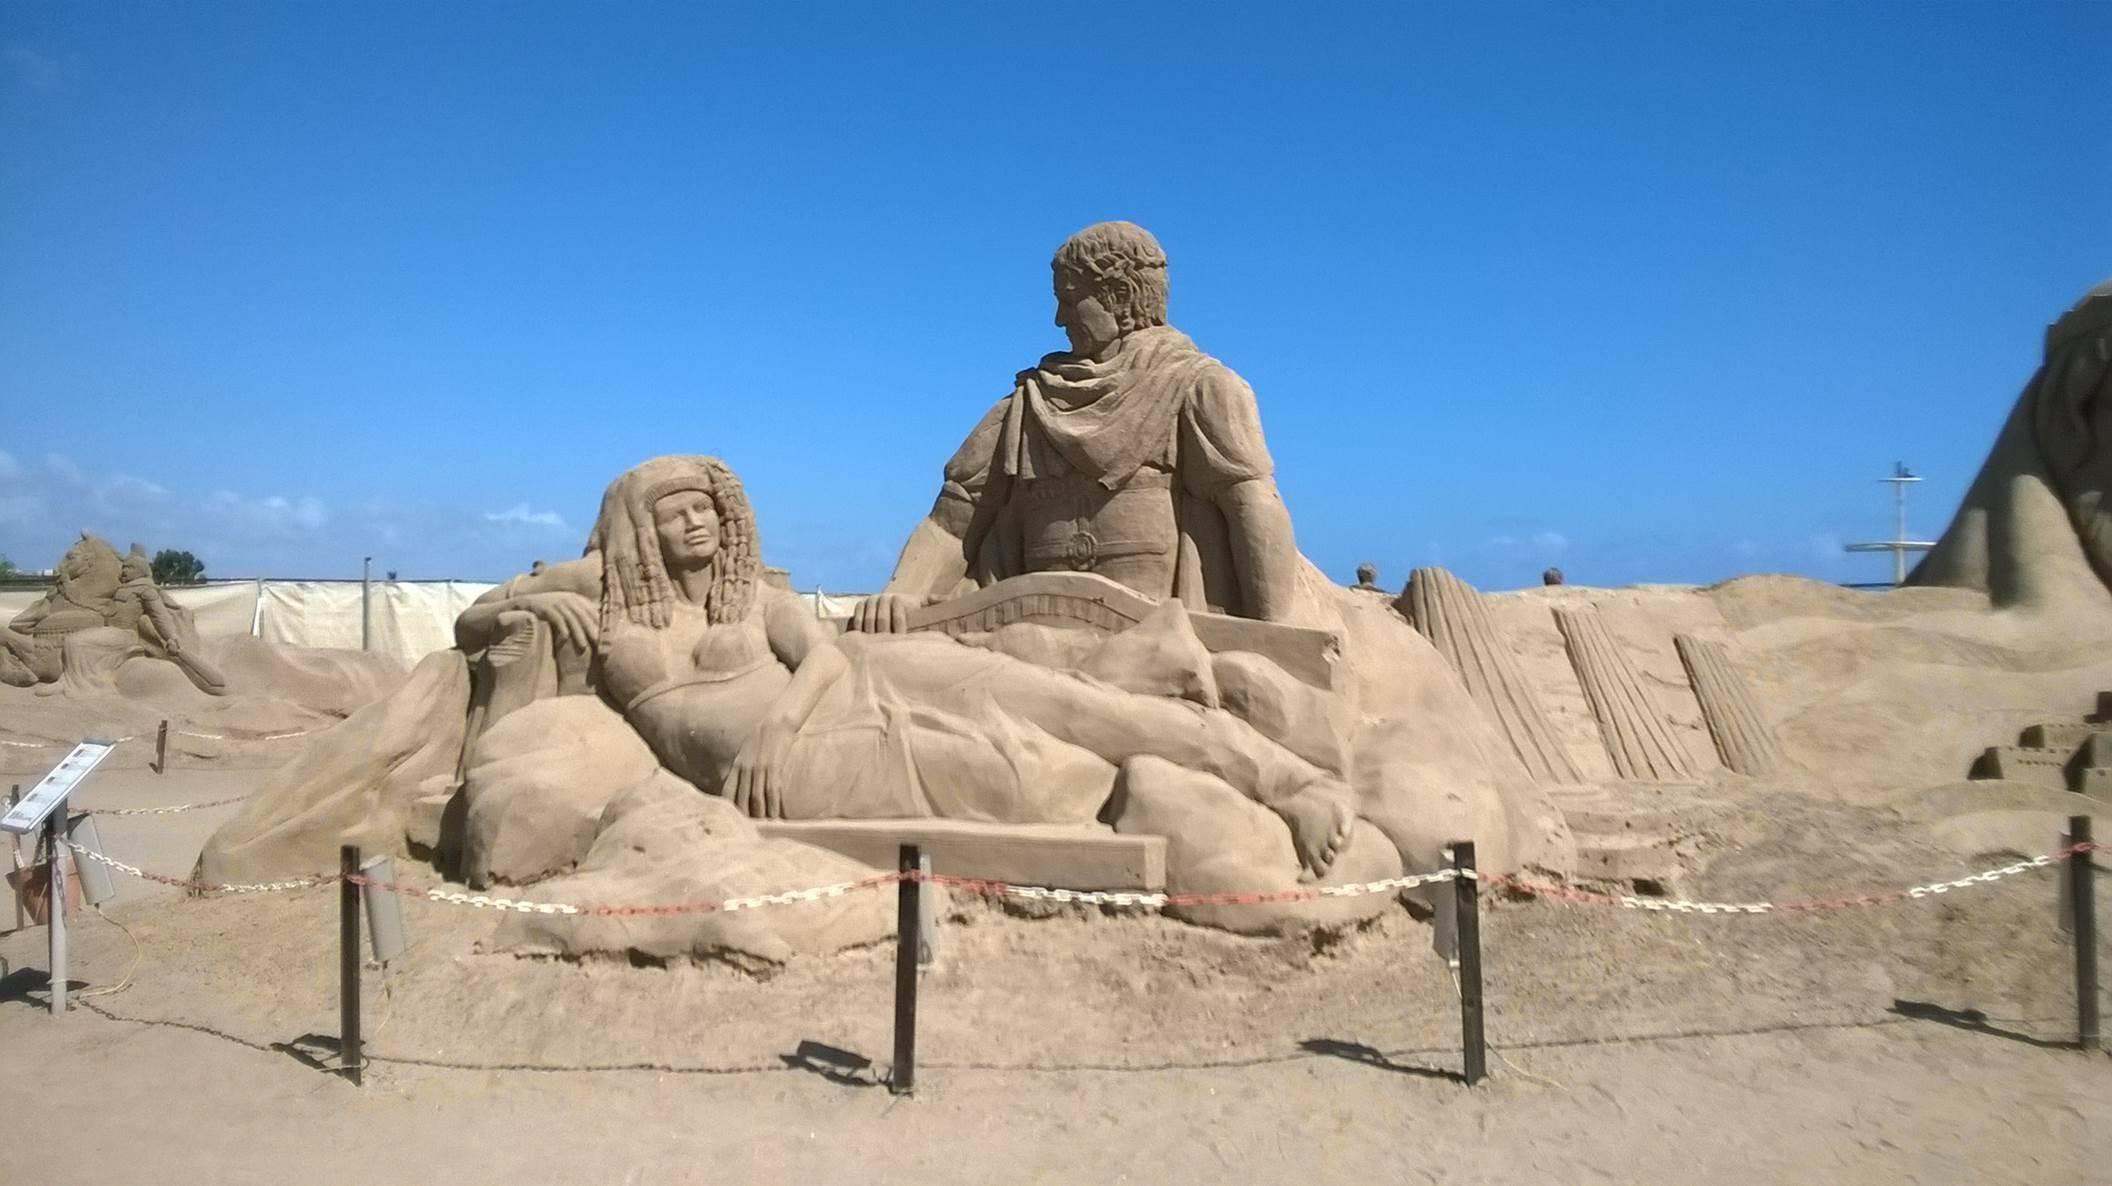 """Kum heykeller yalnızca kum ve su kullanılarak yapılıyor. Kum heykel sanatı son yıllarda dünyada yeni yeni yaygınlaşan özel bir """"ephemeral"""" (geçici) sanat türü. Kum organik ya da mineral olabilir. Organik kum tanecikleri, mercan, yumuşakçalar ve fosil parçacıkları barındırır. Tuzlu suda bunlara rastlanabilir. Mineral kum ya da kaya kumu ise mineral ya da kaya parçacıklarından oluşur. Heykelin sonunda aldığı şekli belirleyen, kullanılan kumun yapısıdır. Kum taneciklerinin boyutu ve yapısı bu bakımdan büyük önem taşır. Heykel için ideal tanecikler yuvarlak değil, karemsi olmalıdır. Plajlardaki kumlar çoğunlukla yuvarlak tanelidir; heykel yapımı için ideal diyebileceğimiz en uygun kum, nehirlerin yakınında bulunur ve dağlardan gelen su akıntılarıyla taşınır. Bu mineral kum tanecikleri köşelidirler ve birbirlerine uyarlar. M.Ö. 4000'lerde Mısır'da uygulandığı düşünülen bu sanat biçimi, günümüze kadar gelmiştir. 2006 yılından beri düzenlenmekte olan, bu yıl teması """"Dünyanın 7 Harikası ve Mitoloji"""" olarak belirlenen Uluslararası Antalya Kum Heykel Festivali, Antalya sahillerinde kum heykellere ev sahipliği yapıyor. Bu yıl 9 farklı ülkeden 22 heykeltıraşın katıldığı etkinlikte heykeltıraşlar 7.000 metrekarelik bir alanda 10.000 ton taşıma kum ile, 30 civarında tema ve yüzlerce devasa boyutta kum heykel canlandırıyor. Heykellerin büyüklüğü ve kapladıkları alan nedeni ile dünyanın en büyük kum olaylarından biri olan bu organizasyon Küresel Tasarım Sanat Çalışmaları tarafından organize edilmektedir. Fotoğrafta, Antalya Lara'da, İtalyan heykeltıraş Michela Ciappini tarafından canlandırılan Jul Sezar ve Kleopatra görülüyor. Fotoğraf: Feryal Tezcan"""